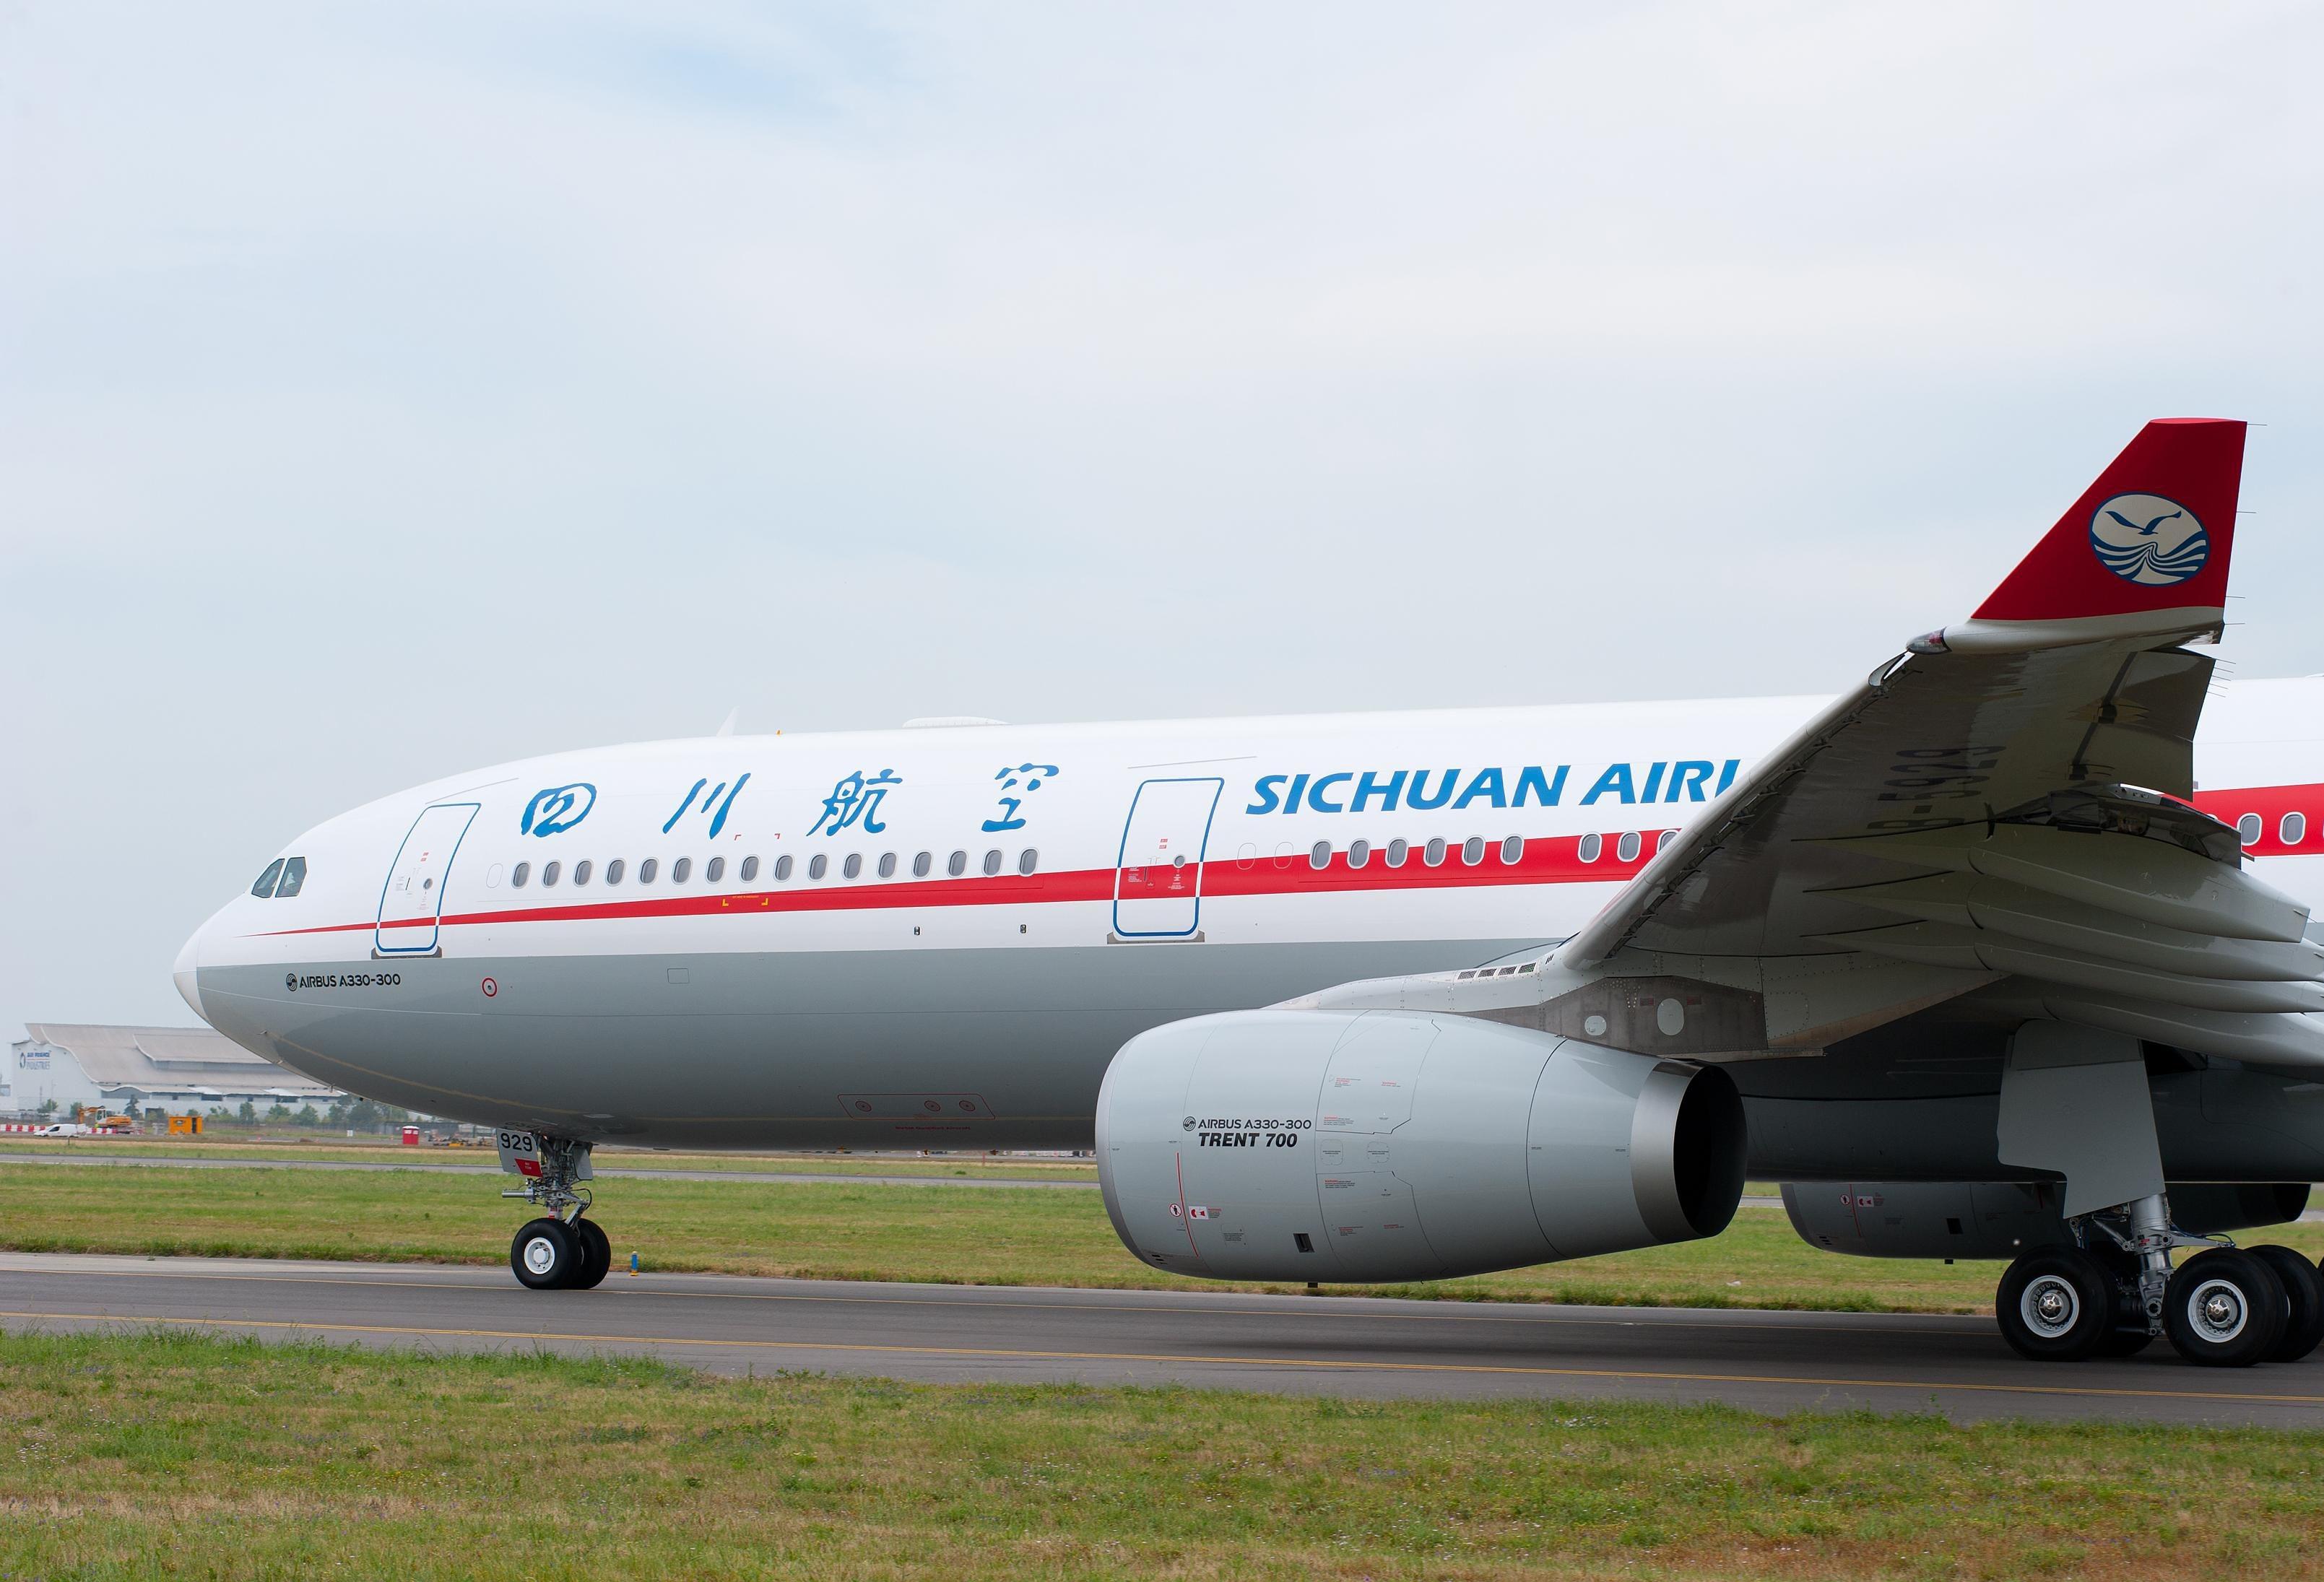 Sichuan Airlines vil betjene den kommende rute til København med Airbus A330-300, der har plads til 301 passagerer, 36 på business class og de øvrige 265 på økonomiklasse. Pressefoto for Airbus: H. Gousse.